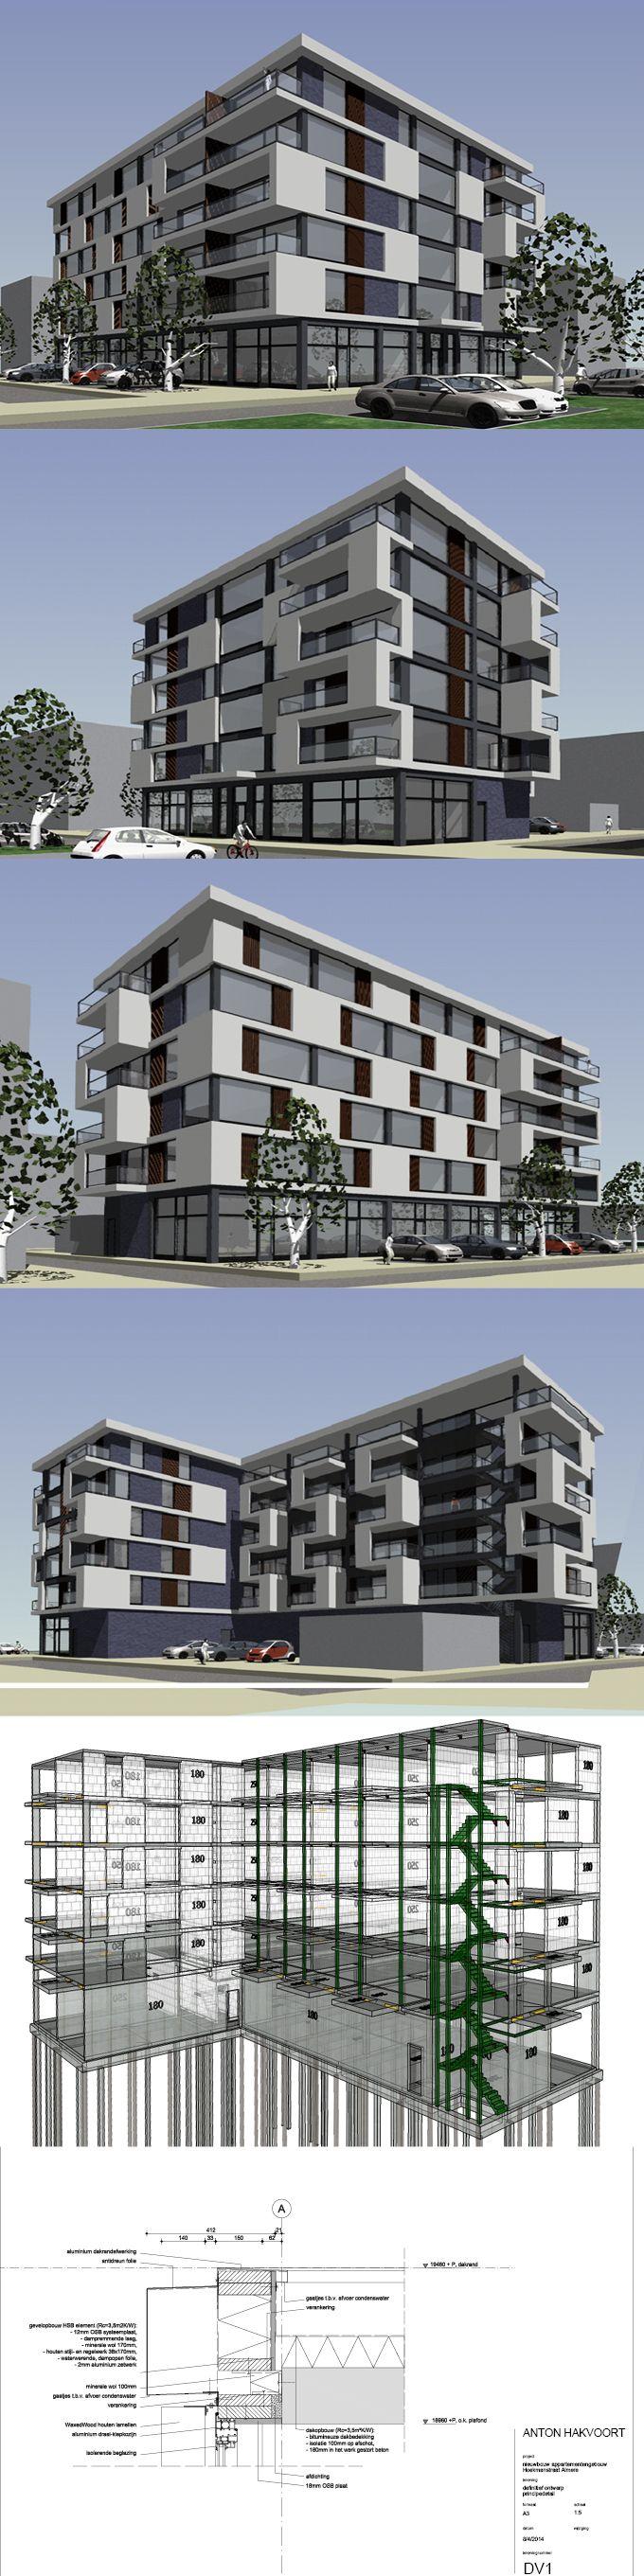 2013 Hoekmanstraat Appartementengebouw Almere / gevelontwerp voor Oebele Hoekstra Architecten BNA / ontwerp in sketchup, autocad en archicad / anton.hakvoort@hotmail.nl / www.stadsappartementen-almere.nl